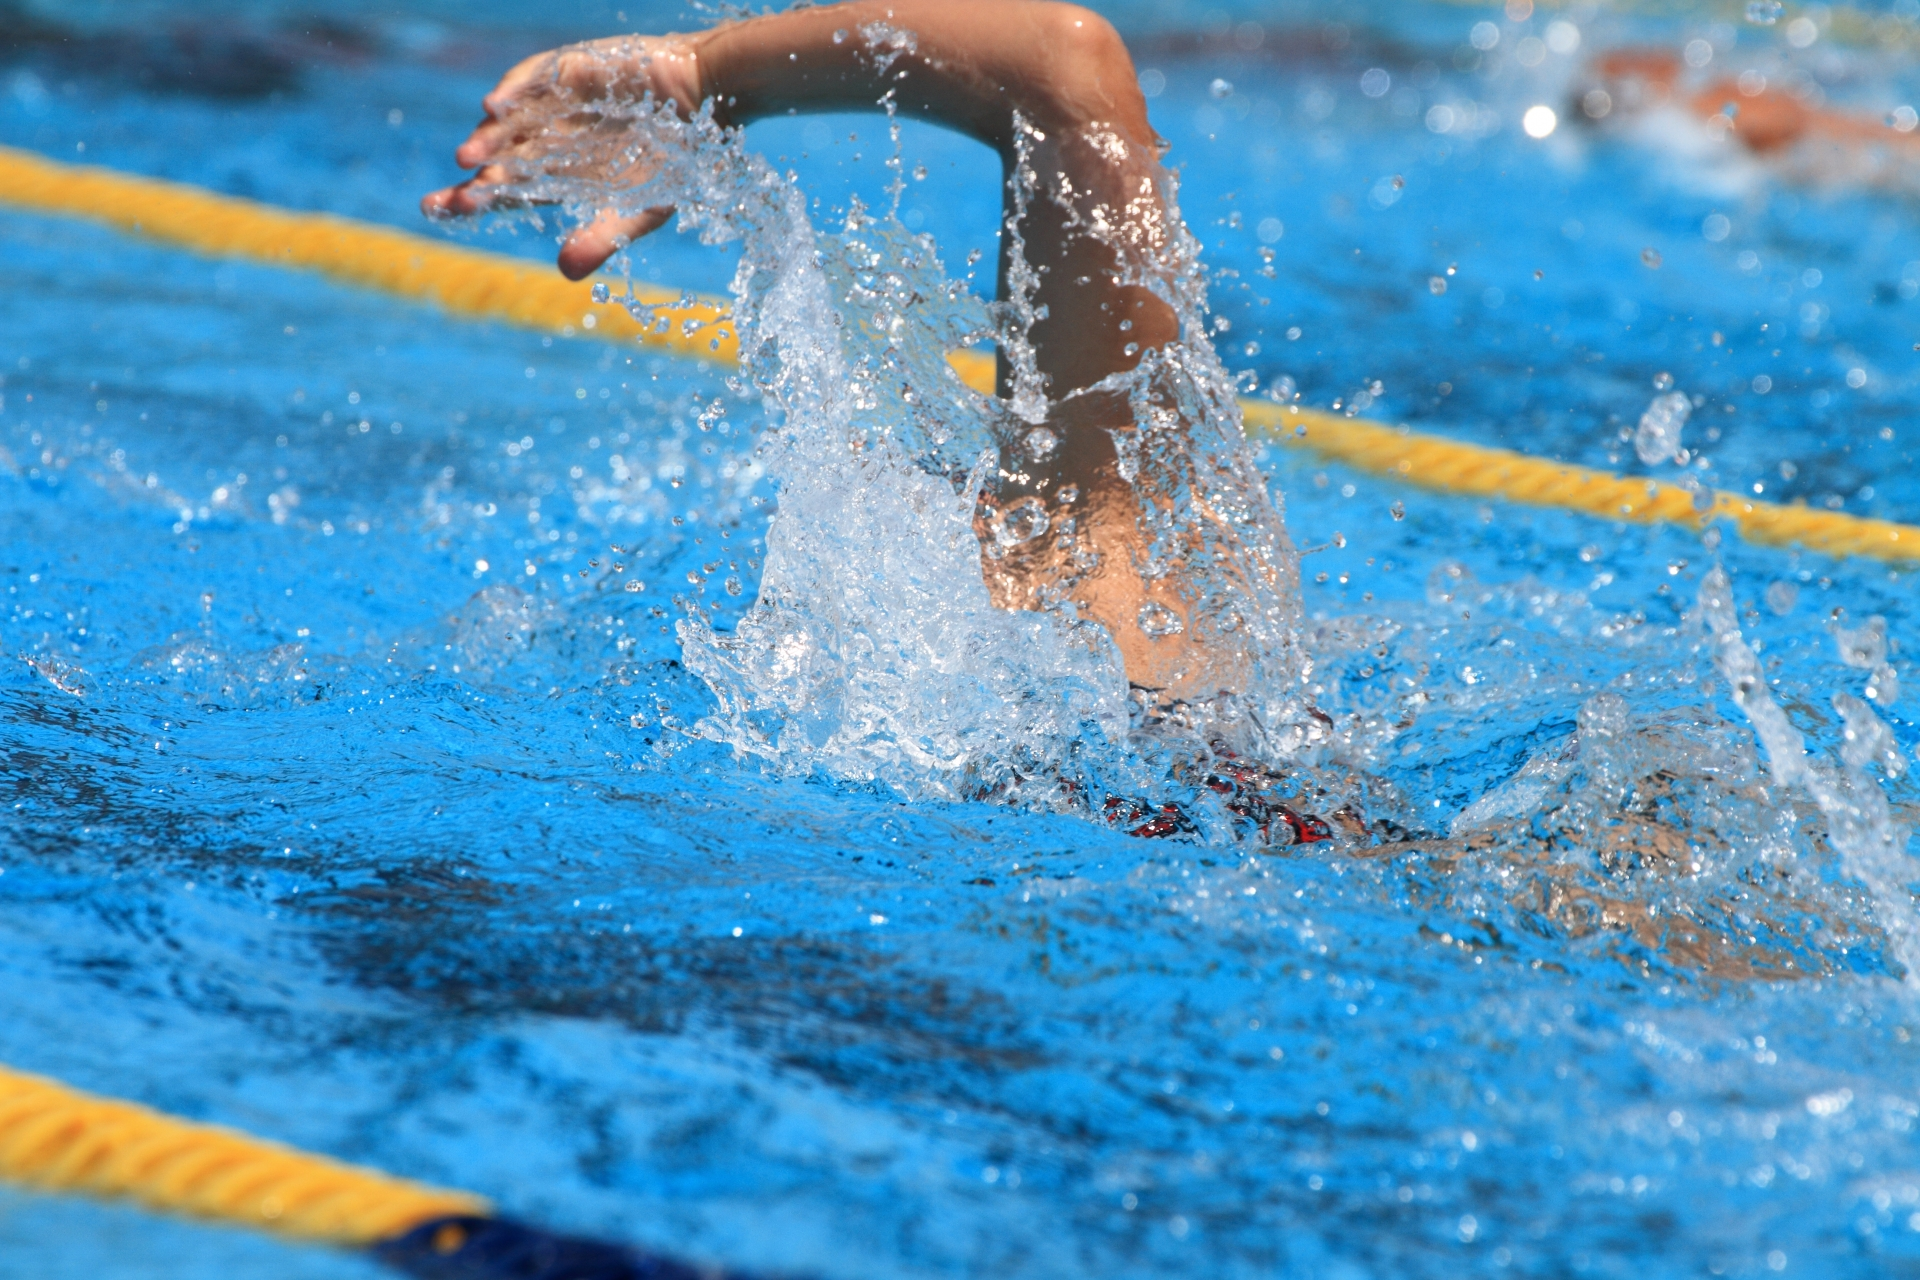 水泳は大会前の食事でパフォーマンスもアップ!注意点やオススメ